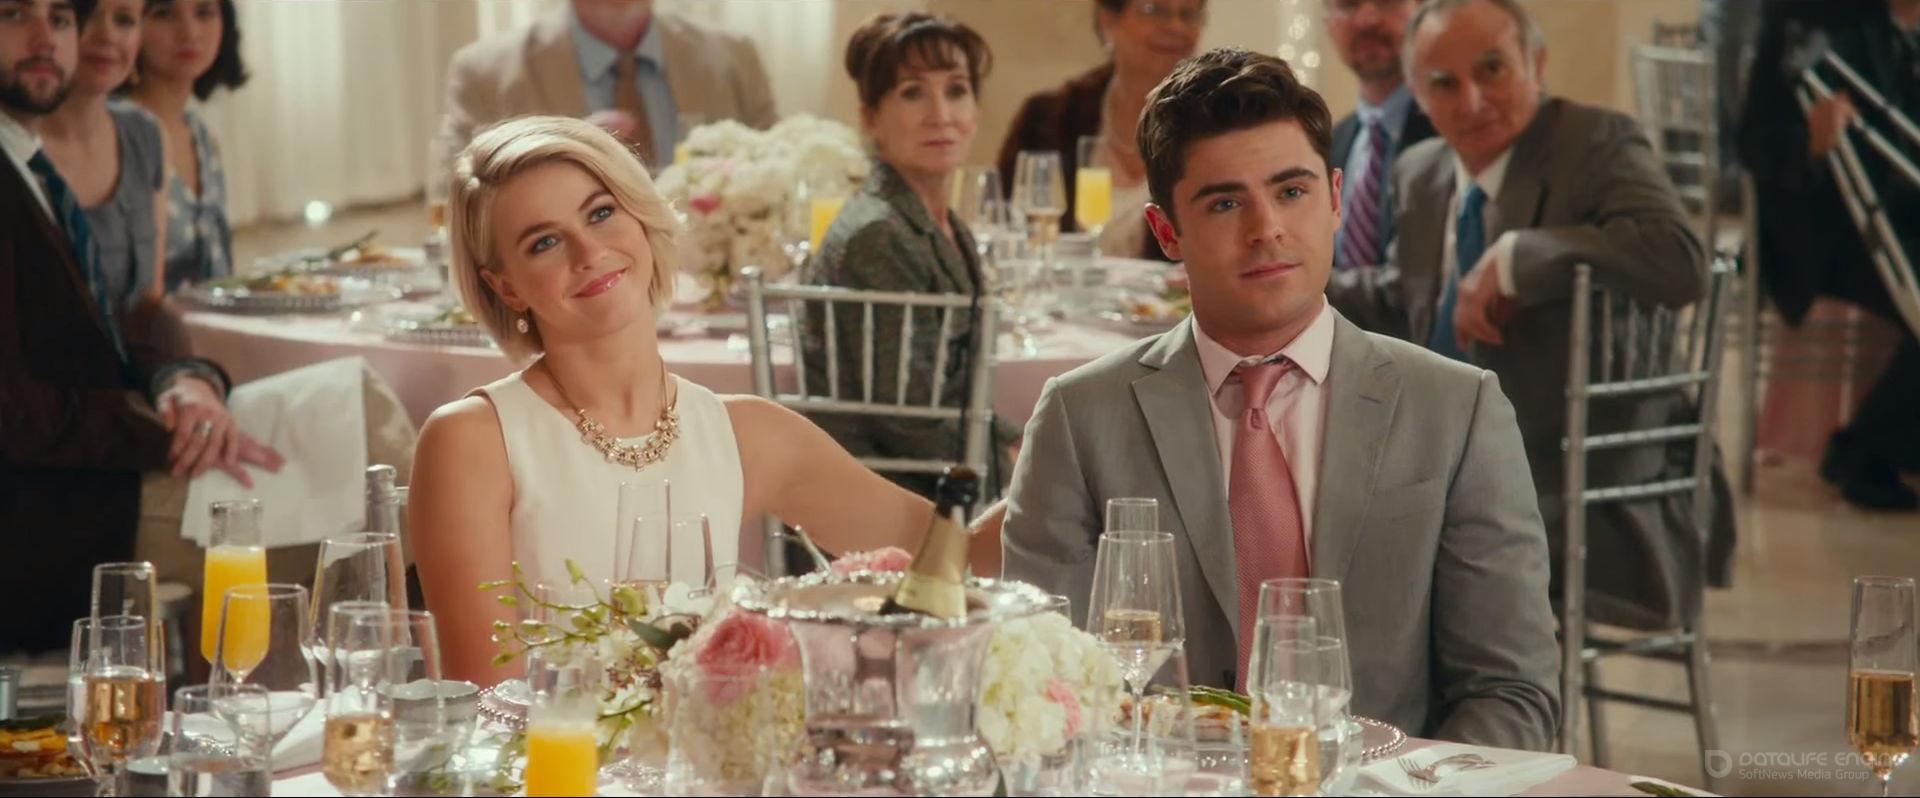 Смотреть фильм безобразная невеста в хорошем качестве